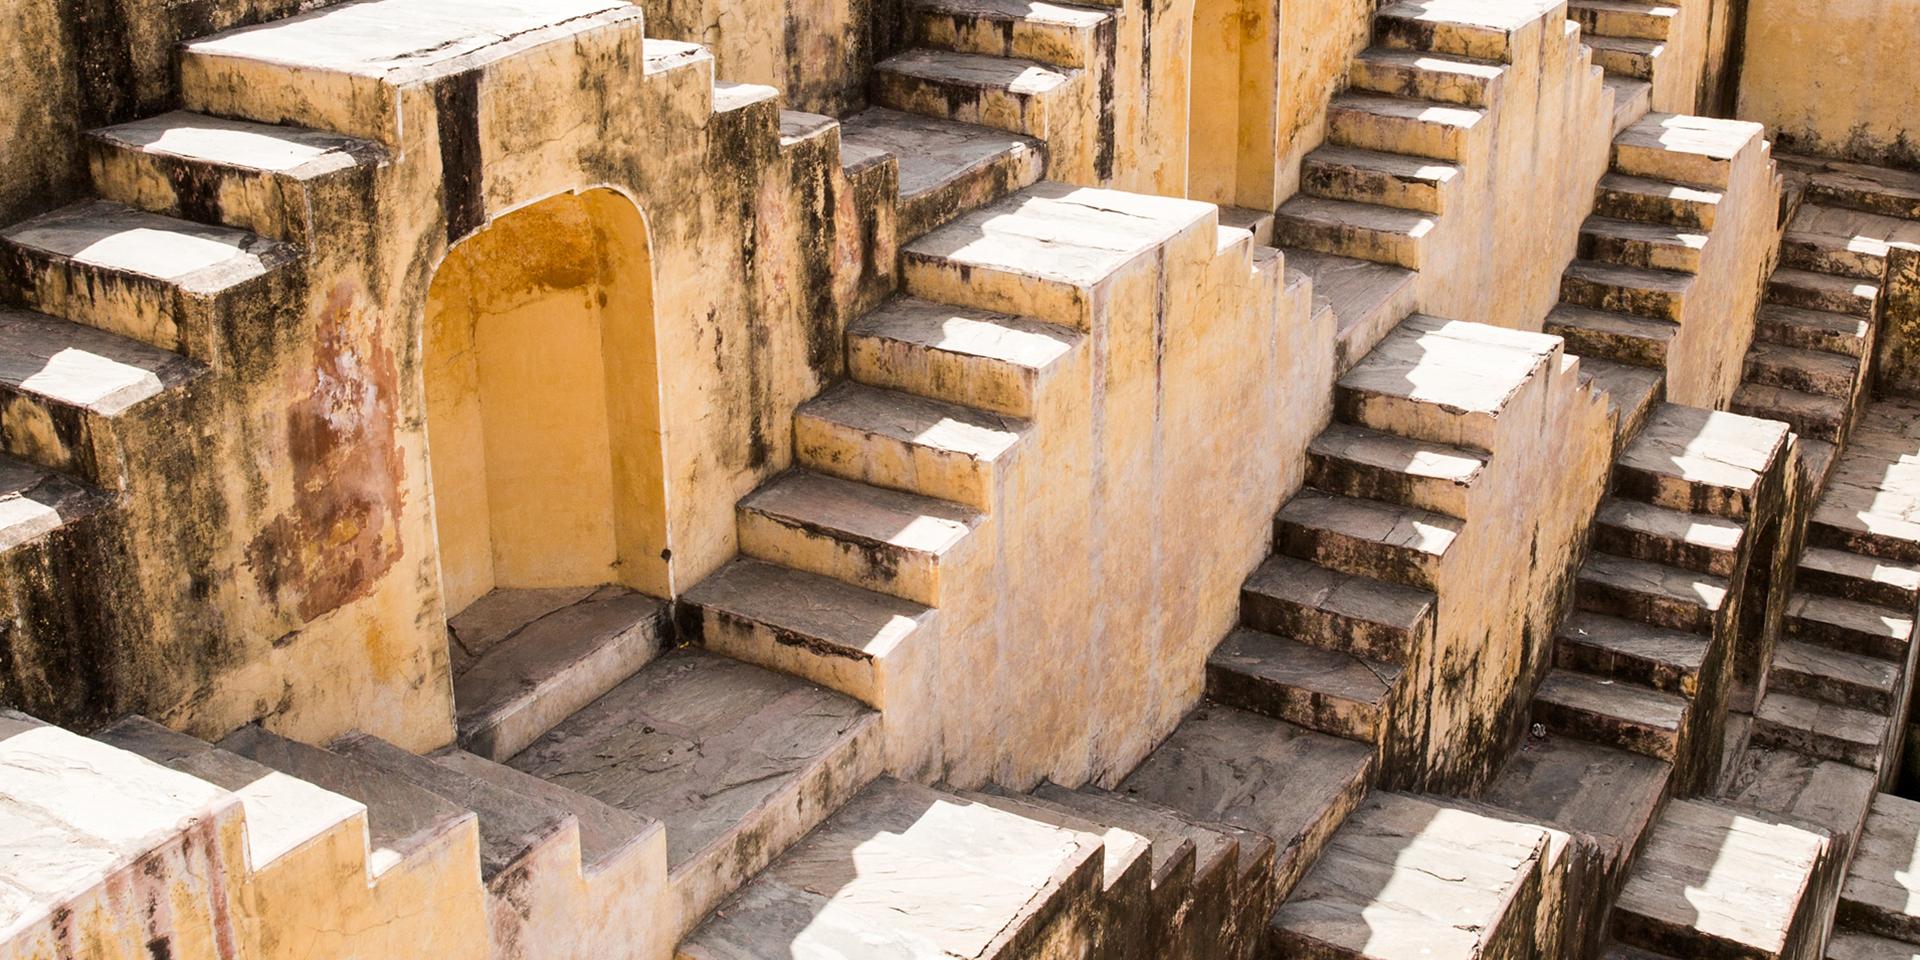 ФОТО: Места, которыми вдохновлялись создатели игры Monument Valley